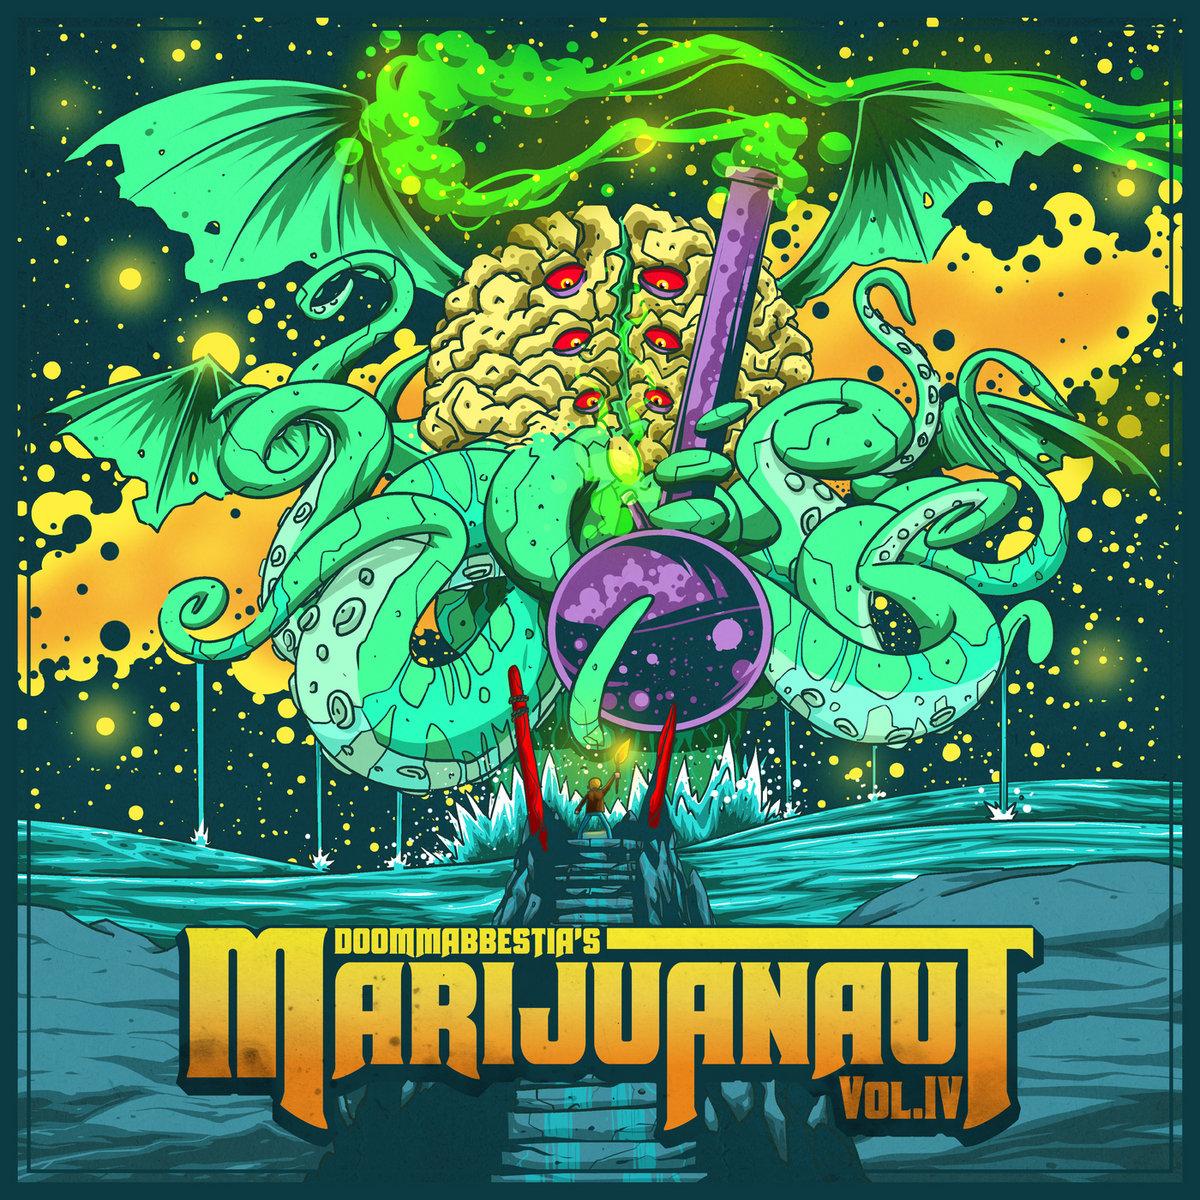 Marijuanaut vol. IV